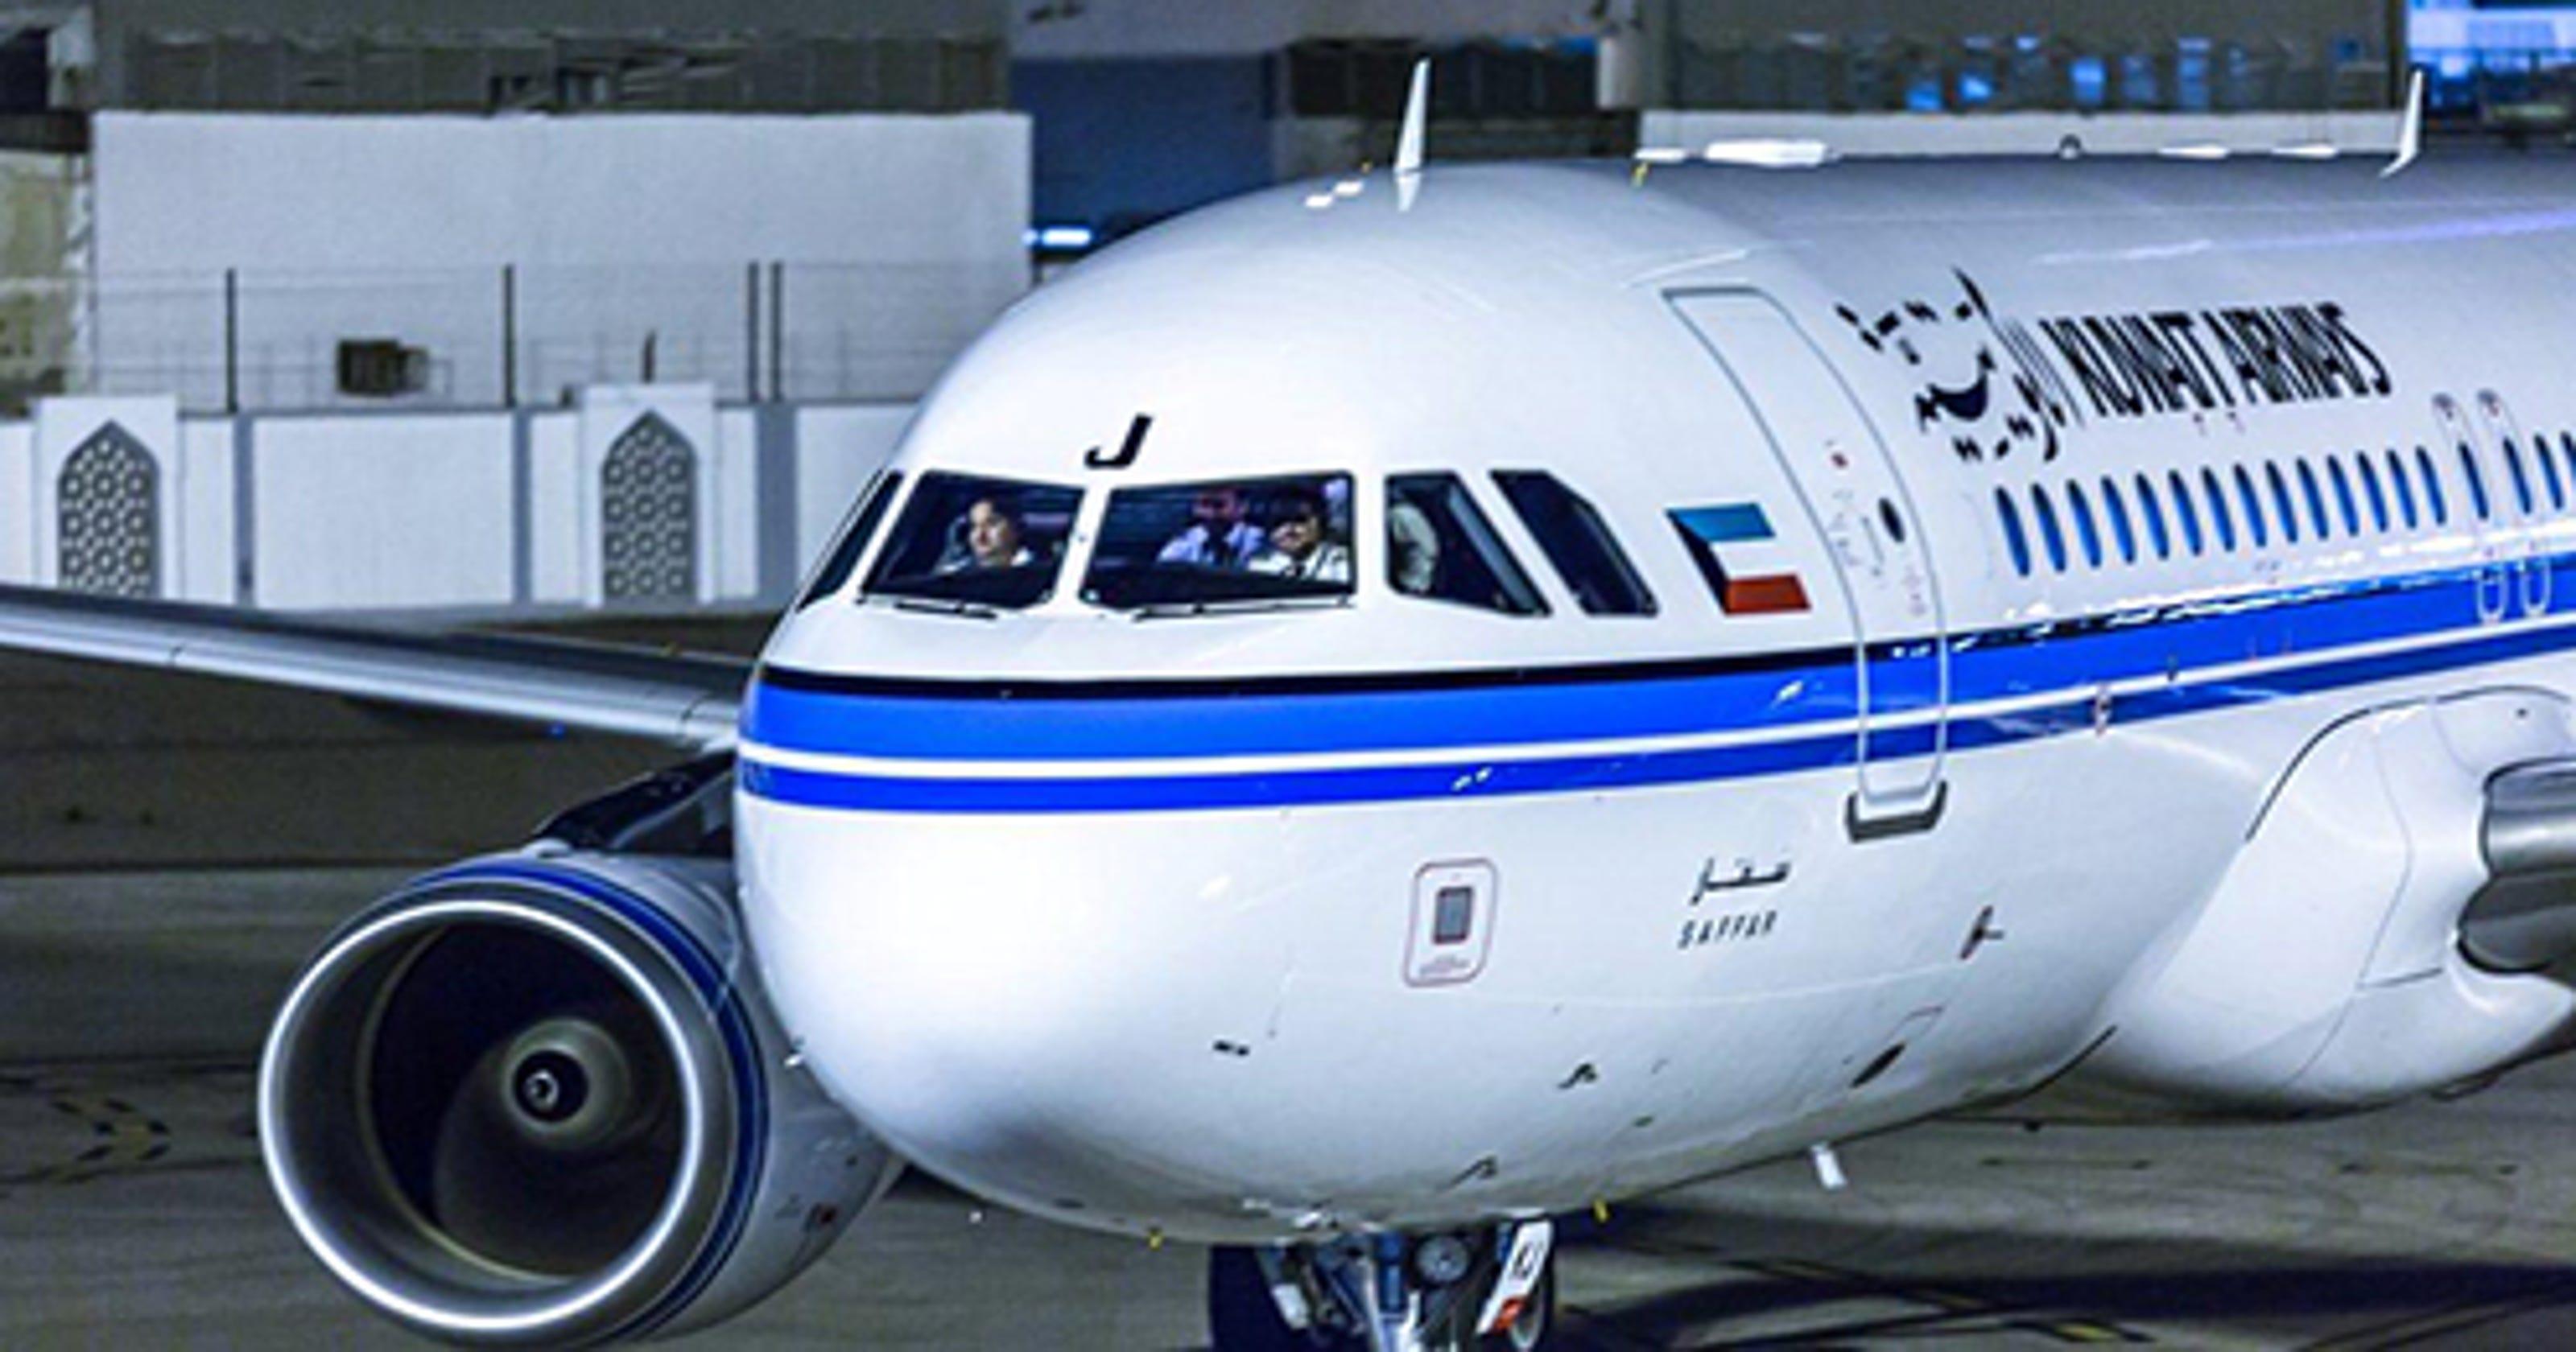 jazeera airways seeks 35 stake in kuwait airways